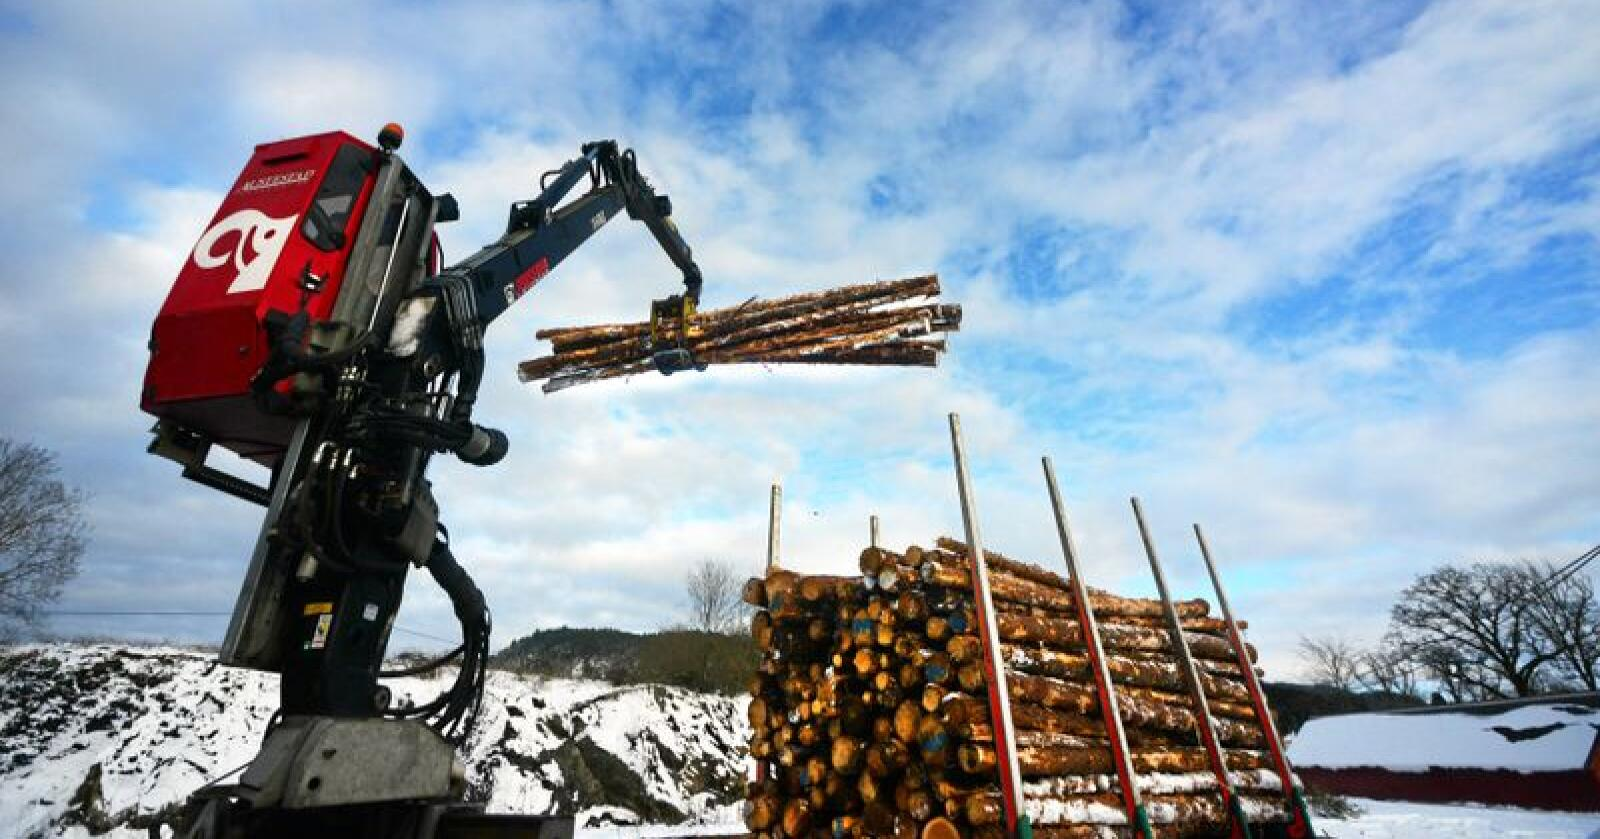 Eksport: Nesten 4 av 10 trestokker blir eksportert. Foto: Siri Juell Rasmussen